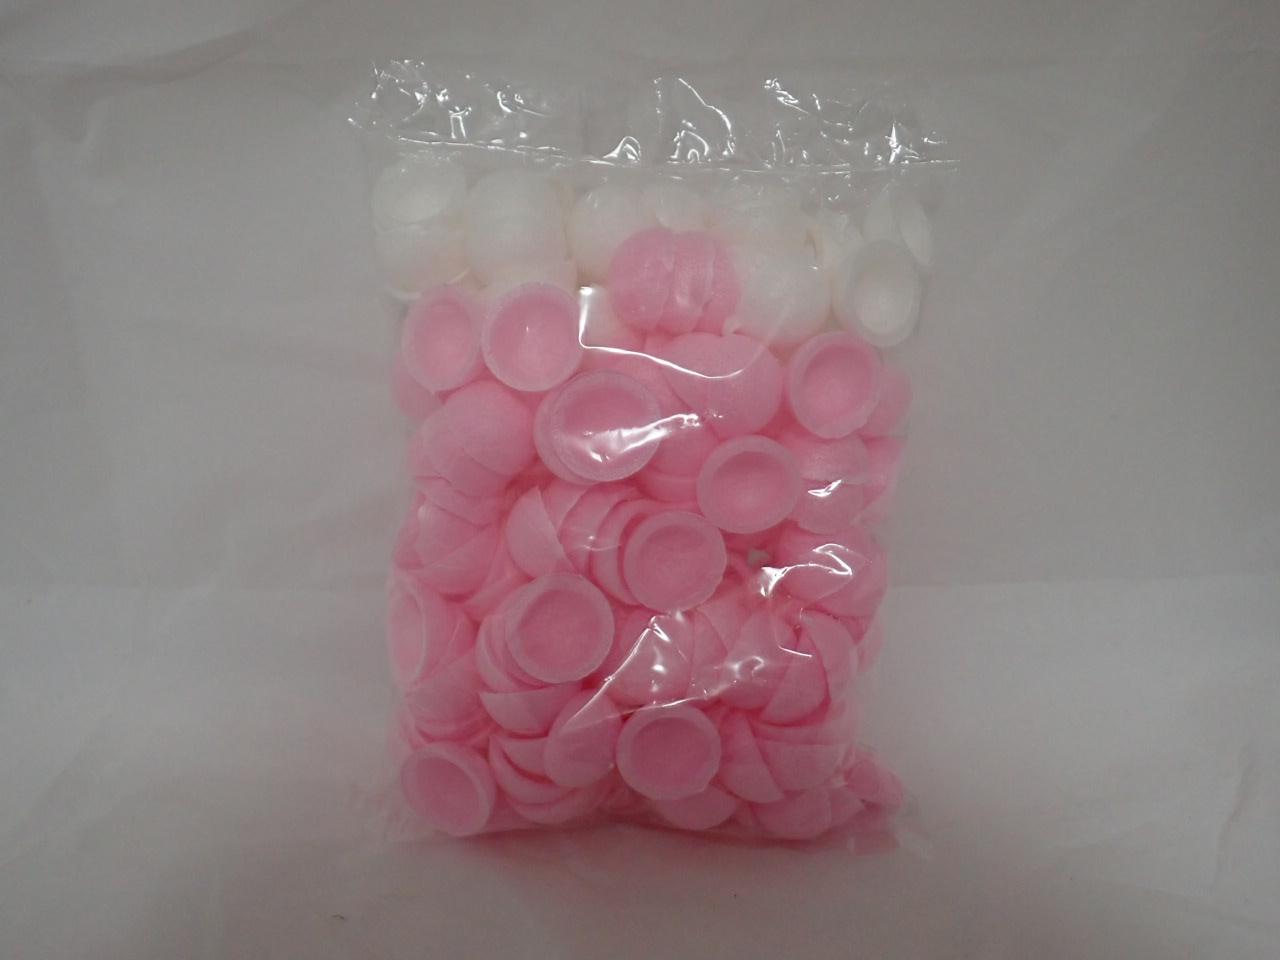 餅花・餅玉自然素材(小玉3cmピンク白セット・100丸分)